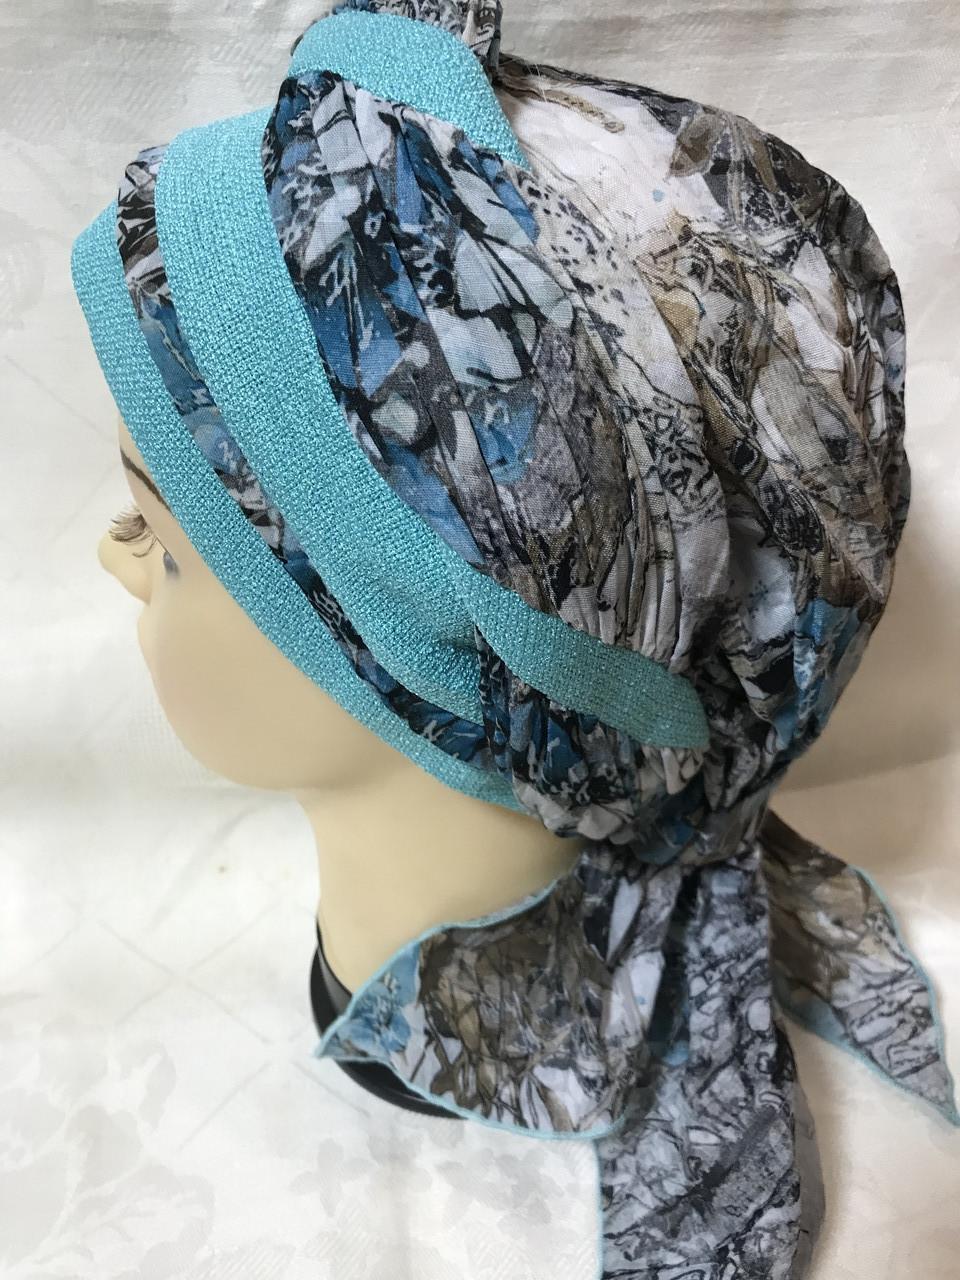 Летняя бандана-шапка-косынка-тюрбан-чалма хлопковая с объёмной драпировкой